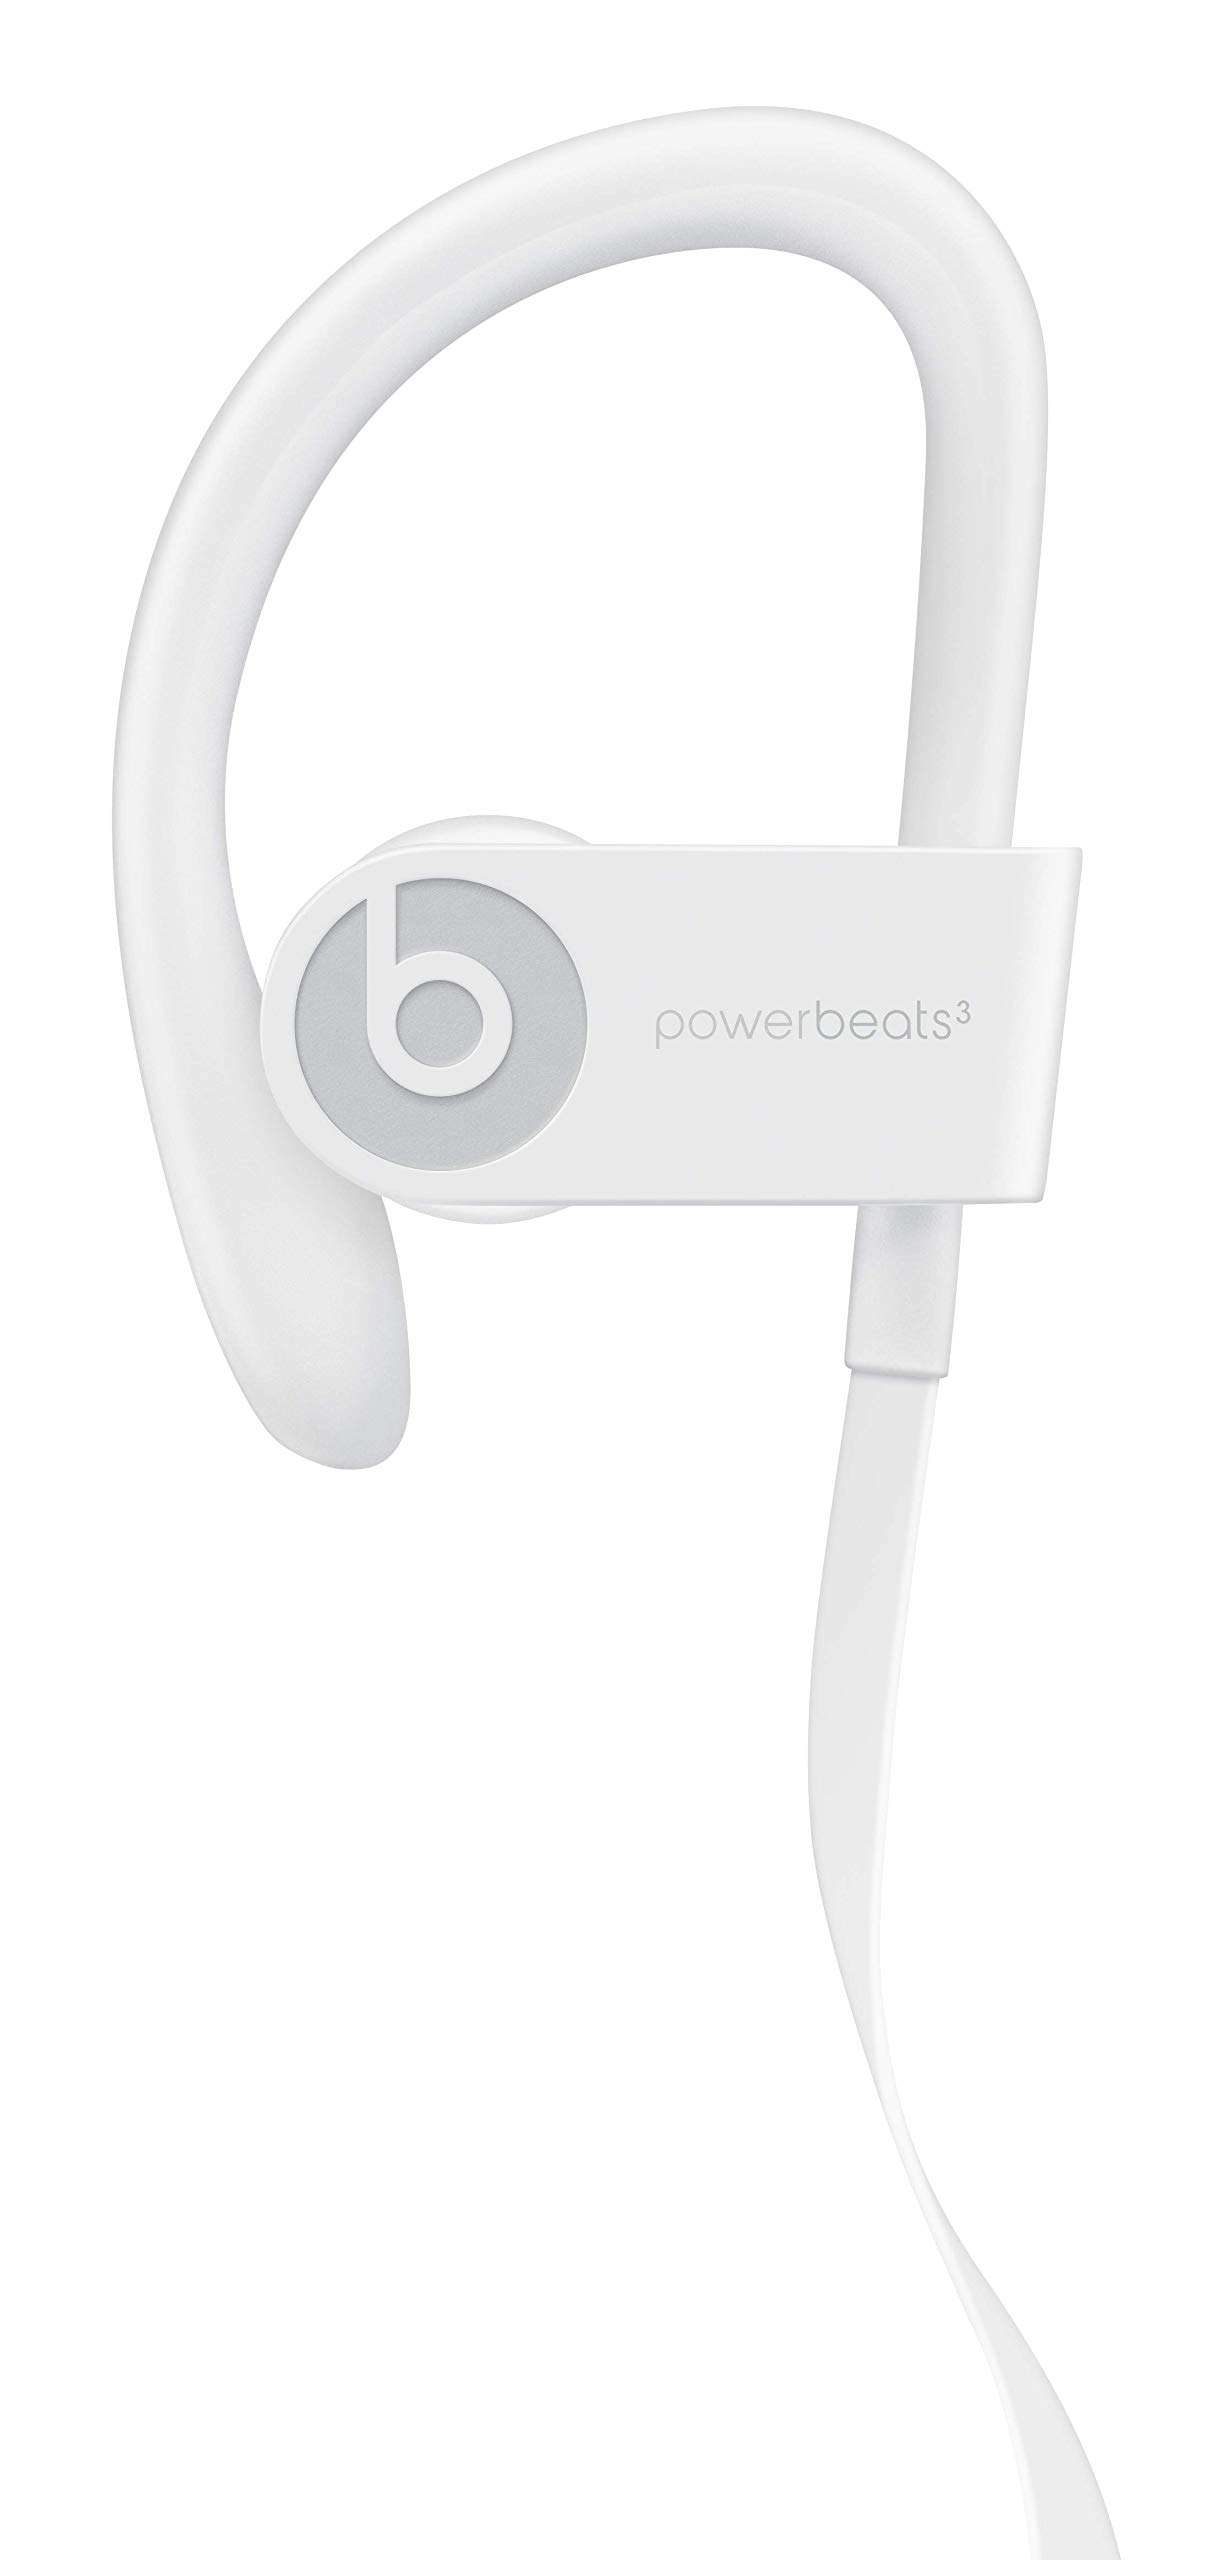 Powerbeats3 Wireless Earphones - White by Beats (Image #3)